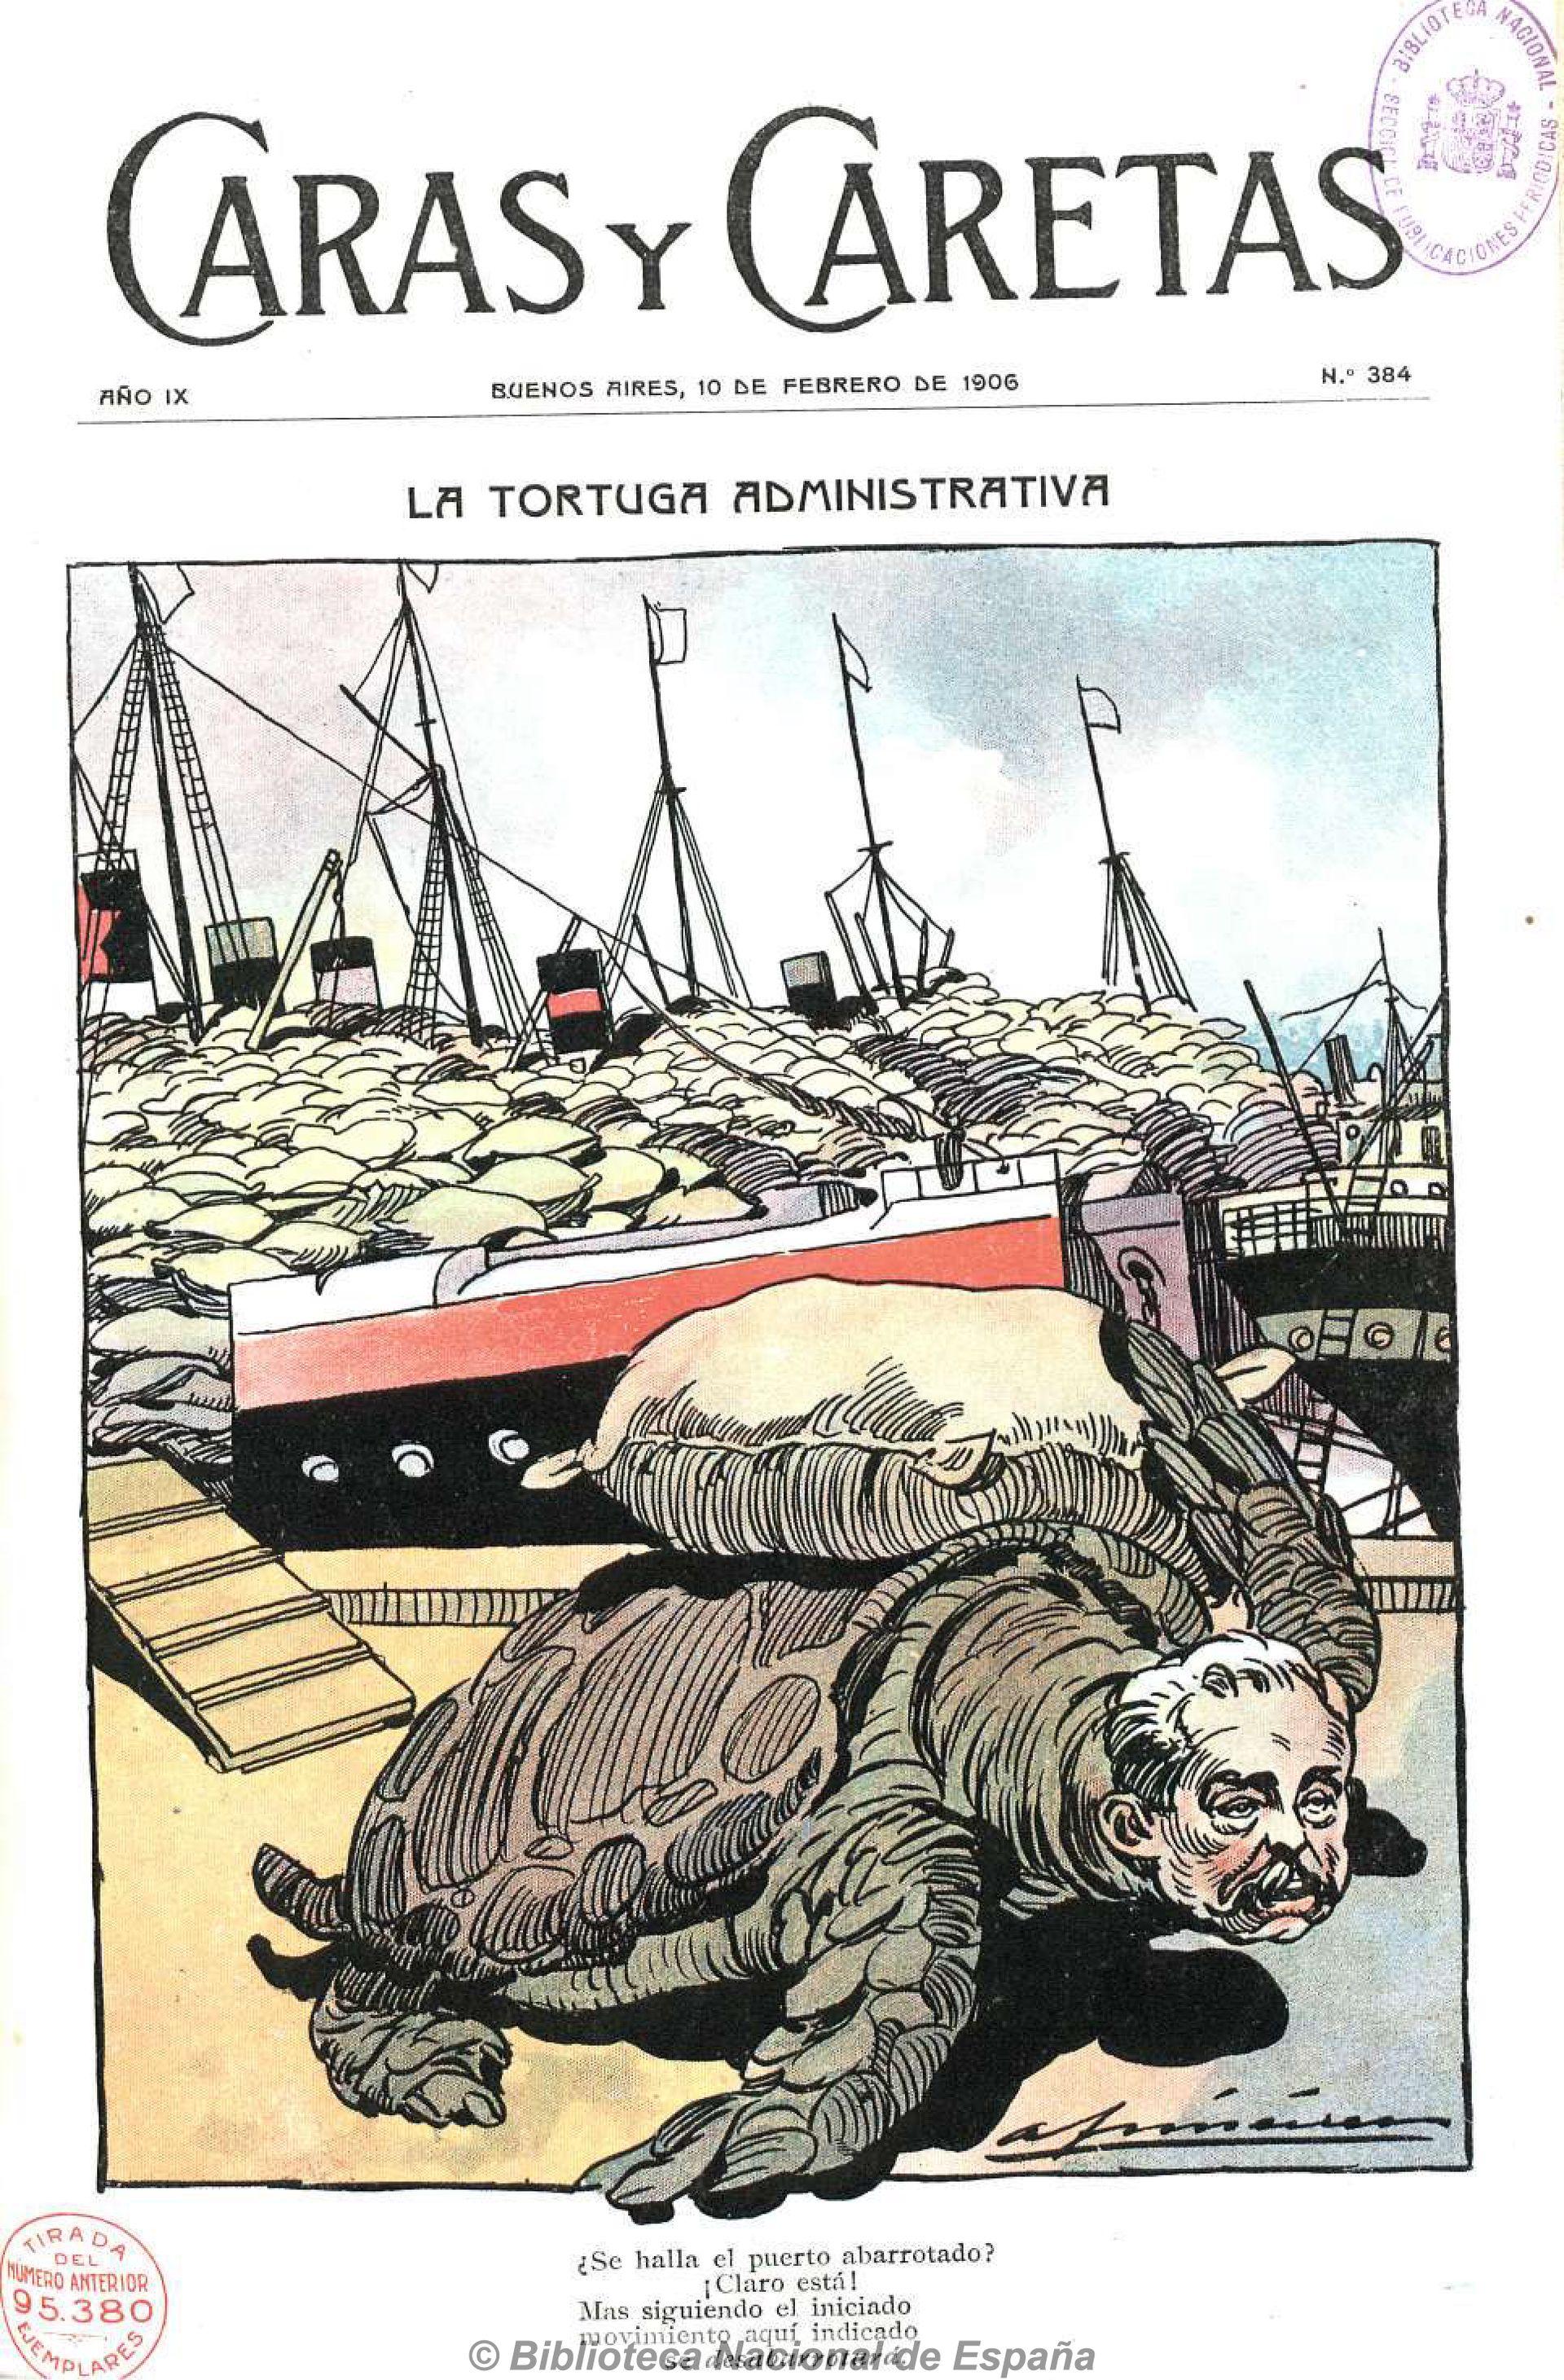 El ministro José A. Terry era criticado por los medios. Le endilgaban la saturación del puerto.